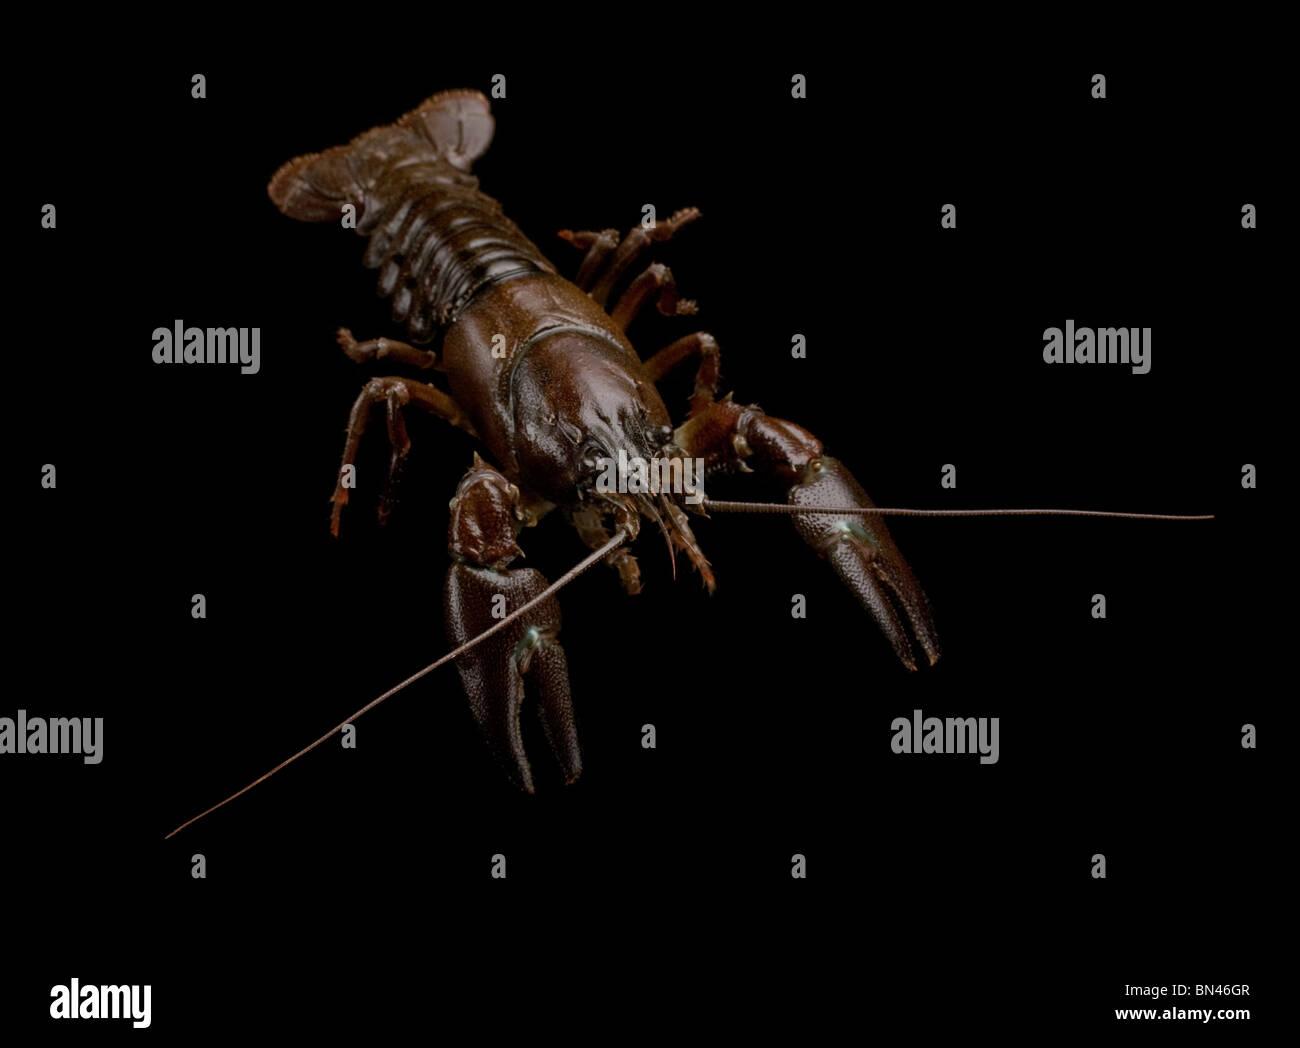 Signal crayfish (Pacifastacus leniusculus) - Stock Image